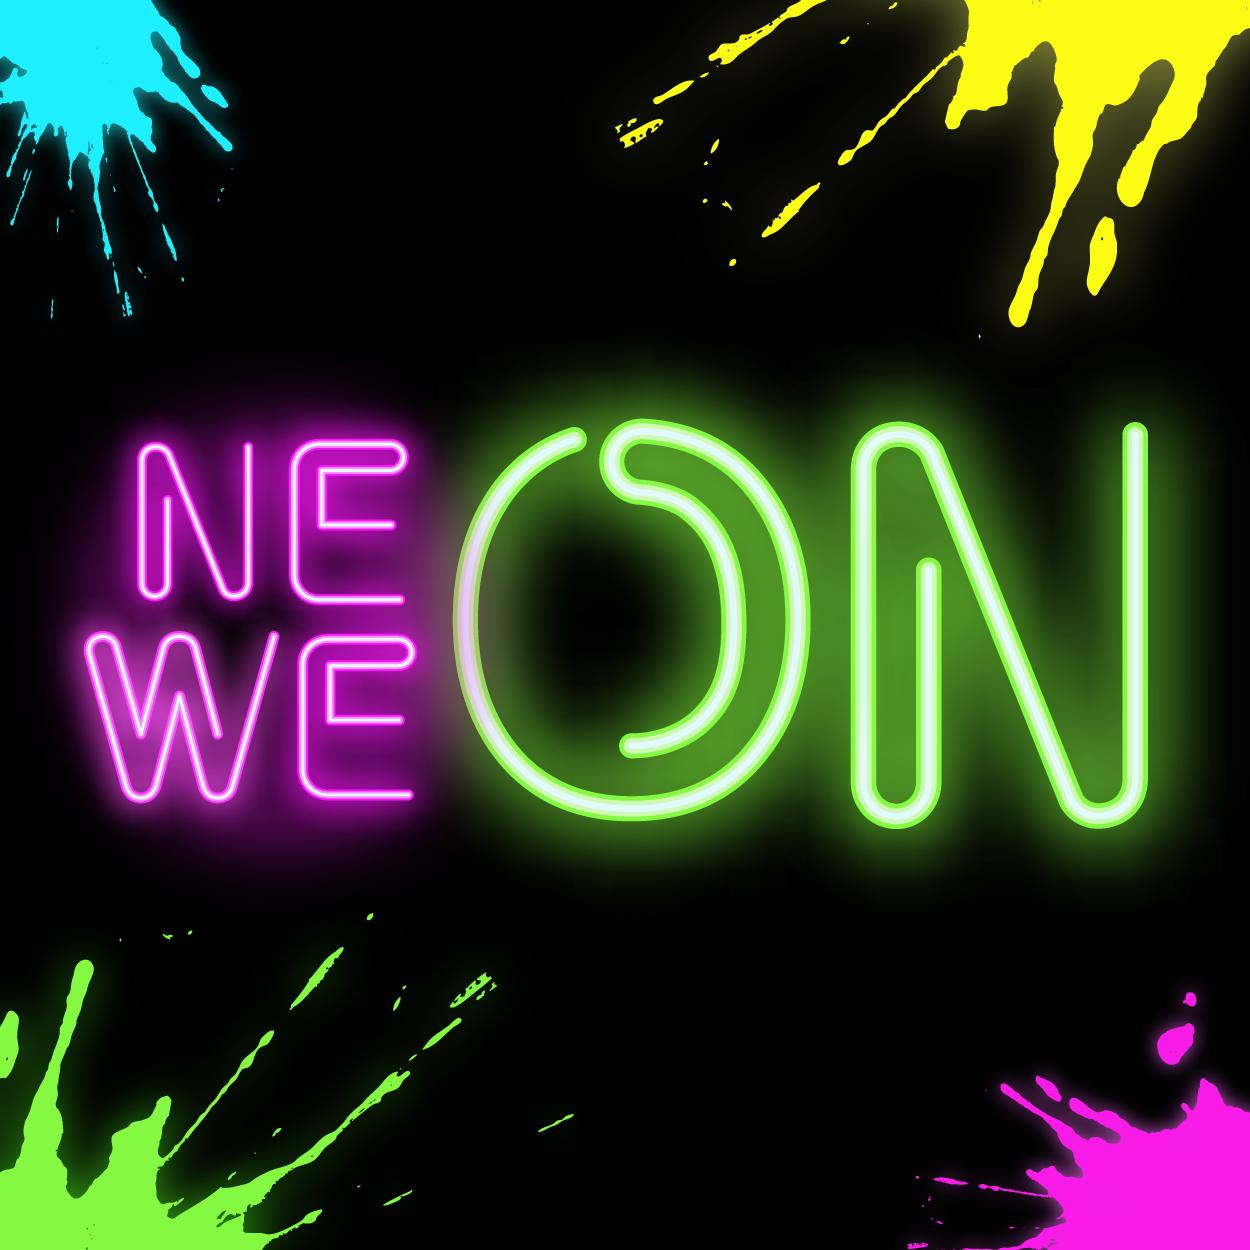 านวิ่งผลัดสาดสีเรืองแสง (Neon Weon Sunset Relay run) 10 พฤศจิกายน 2561 ณ ค่ายพระราม 6 ชะอำ จังหวัดเพชรบุรี